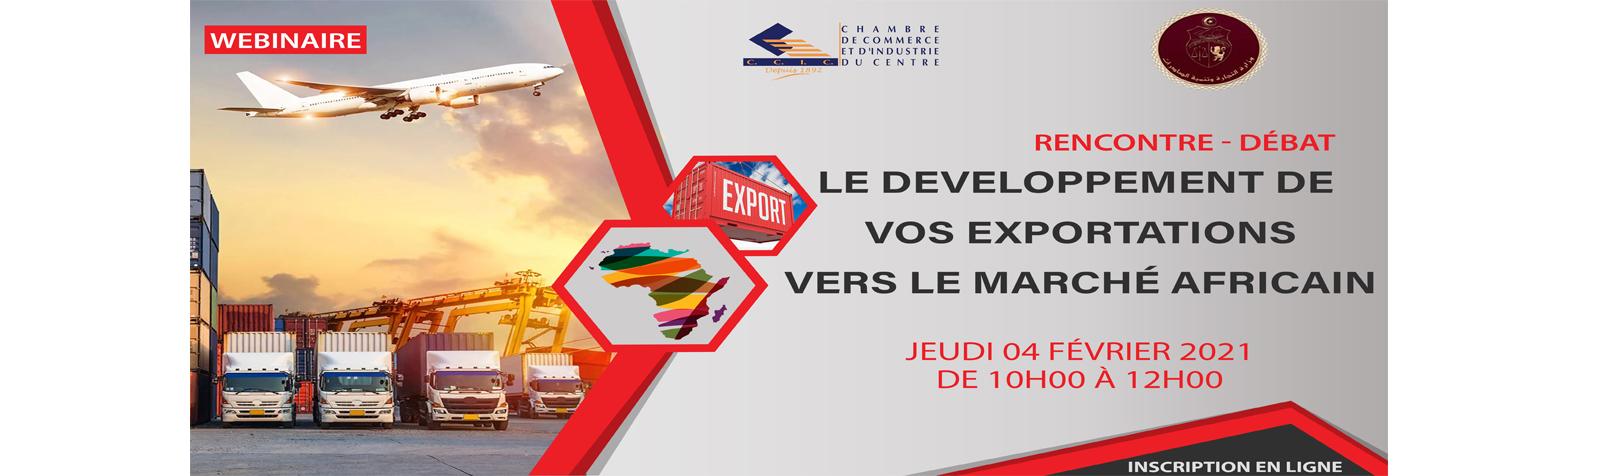 Rencontre débat sur le développement de vos exportations vers le marché africain